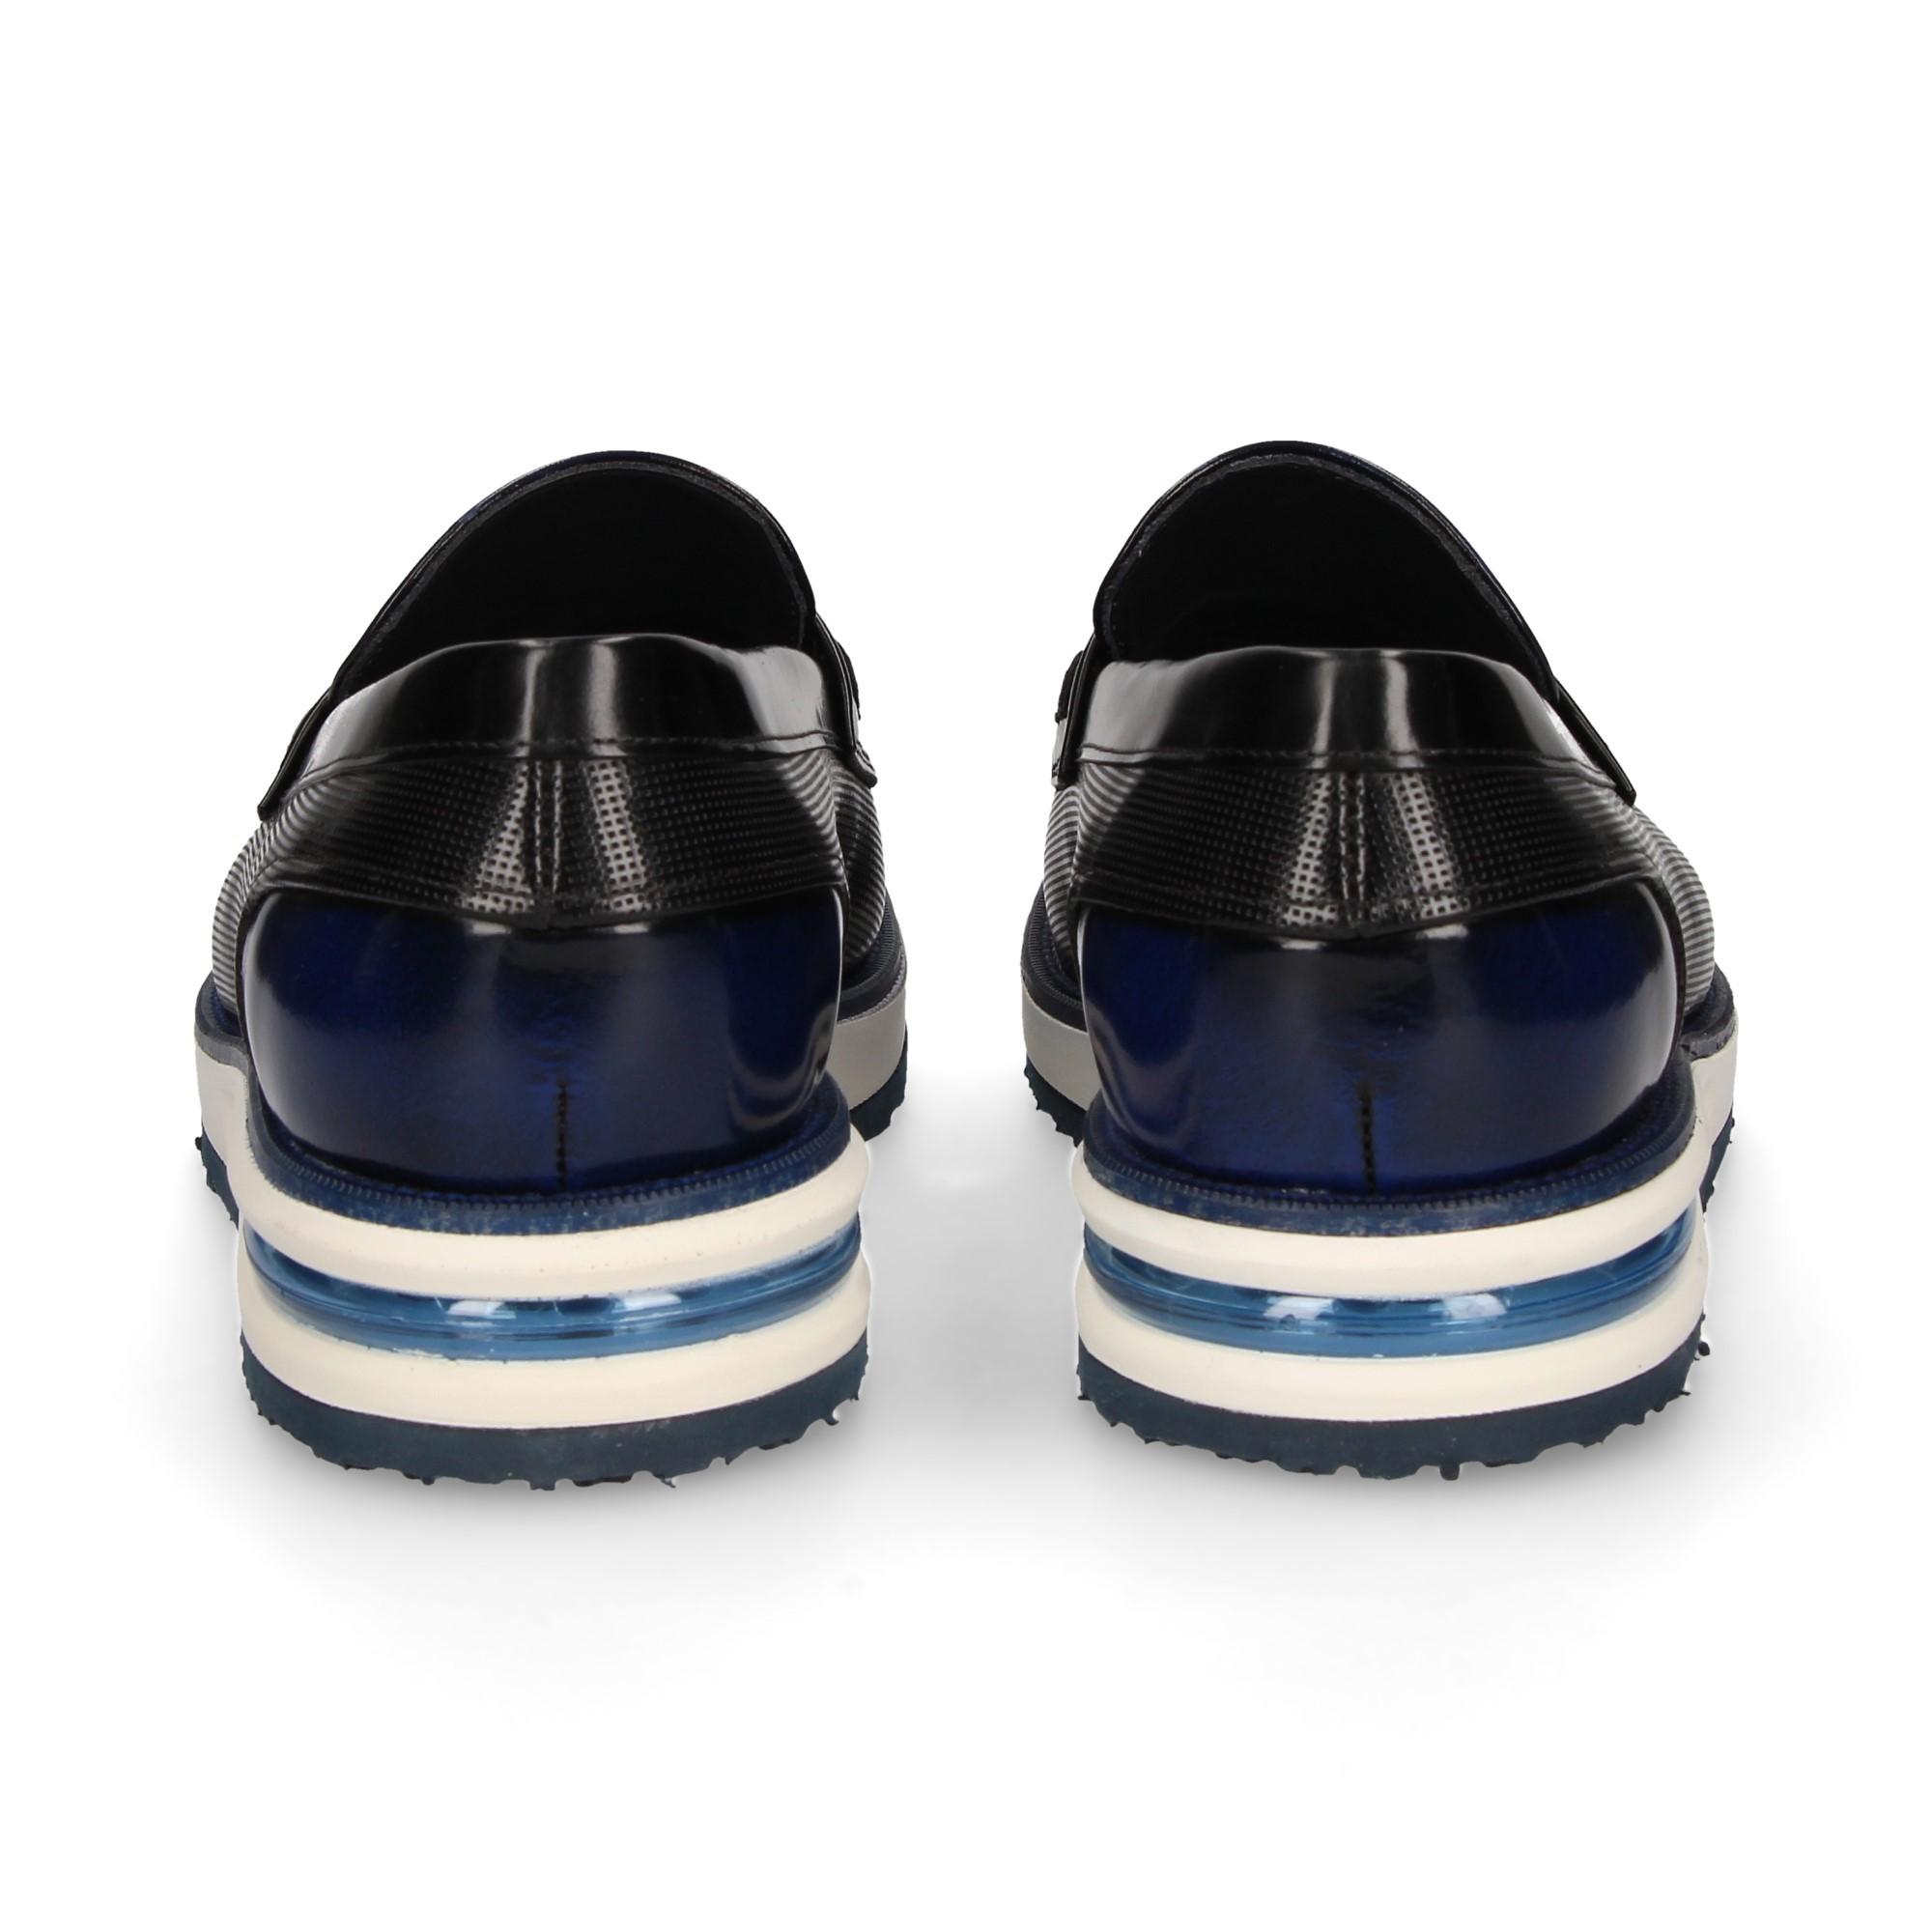 mocasin-florentic-negro-azulon